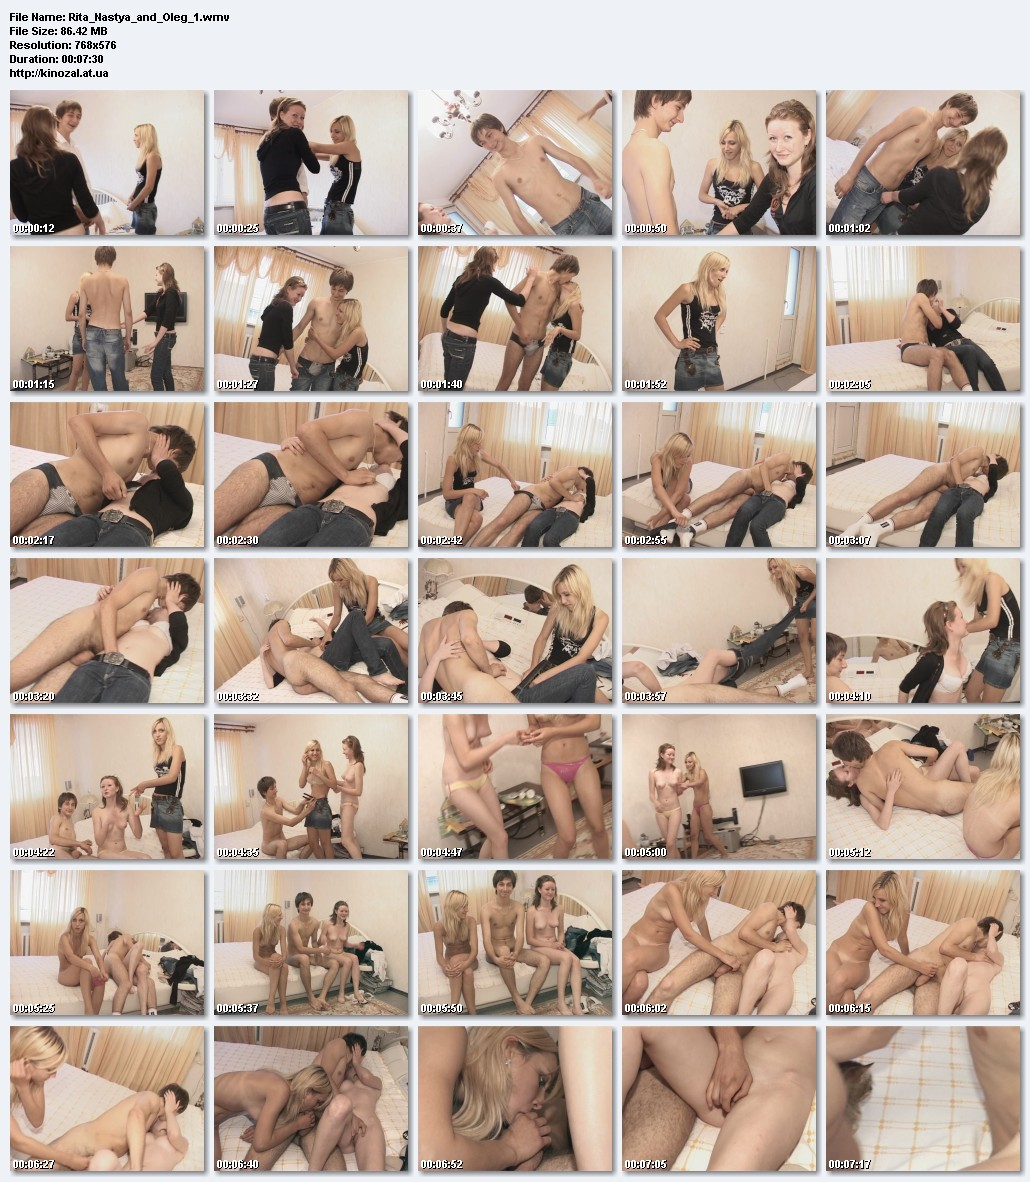 Рита настя олег порно 9 фотография